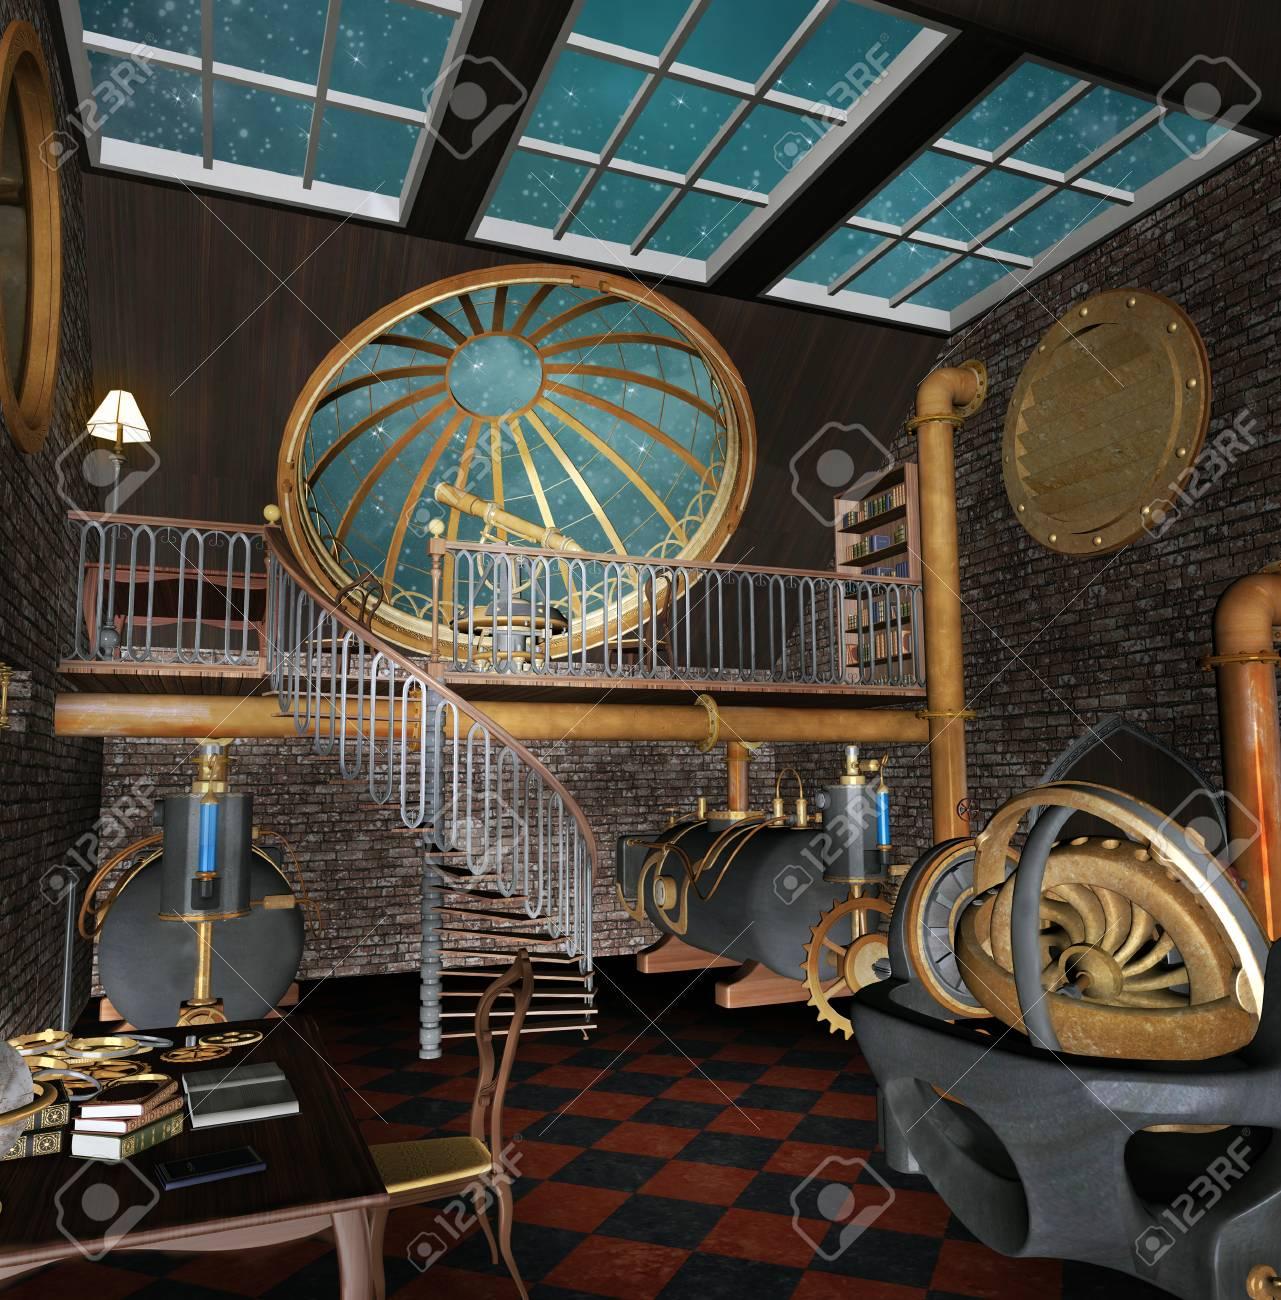 Prisoner in the room [Kalel] 99243013-steampunk-observatory